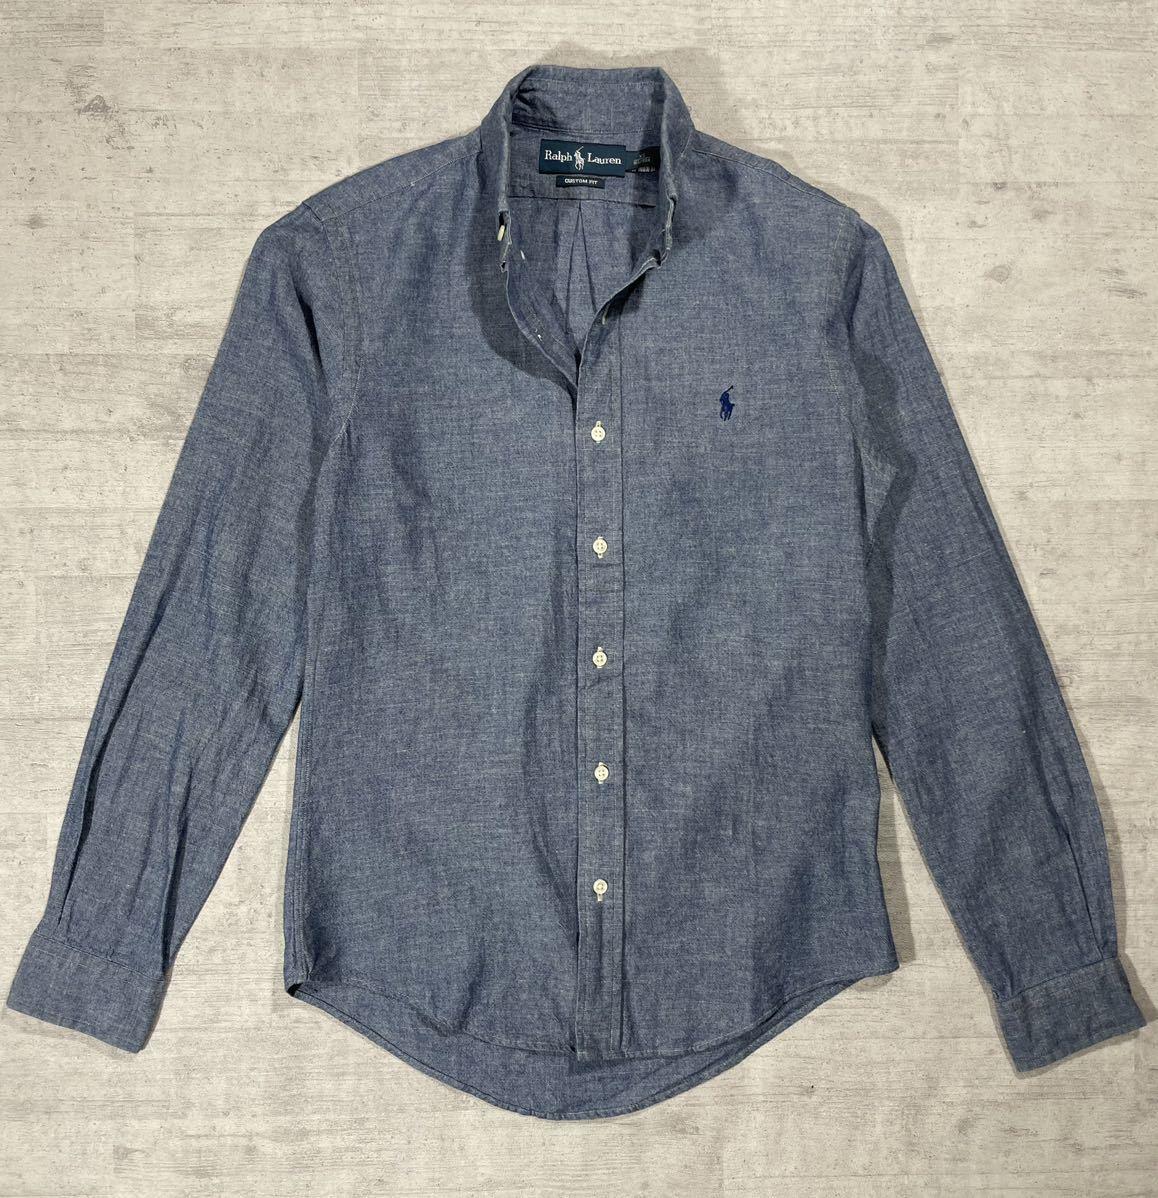 極美品 POLO RALPH LAUREN ポロラルフローレン スモールポニー シャンブレーシャツ ブルー XS RRL ロンハーマン デニムシャツ